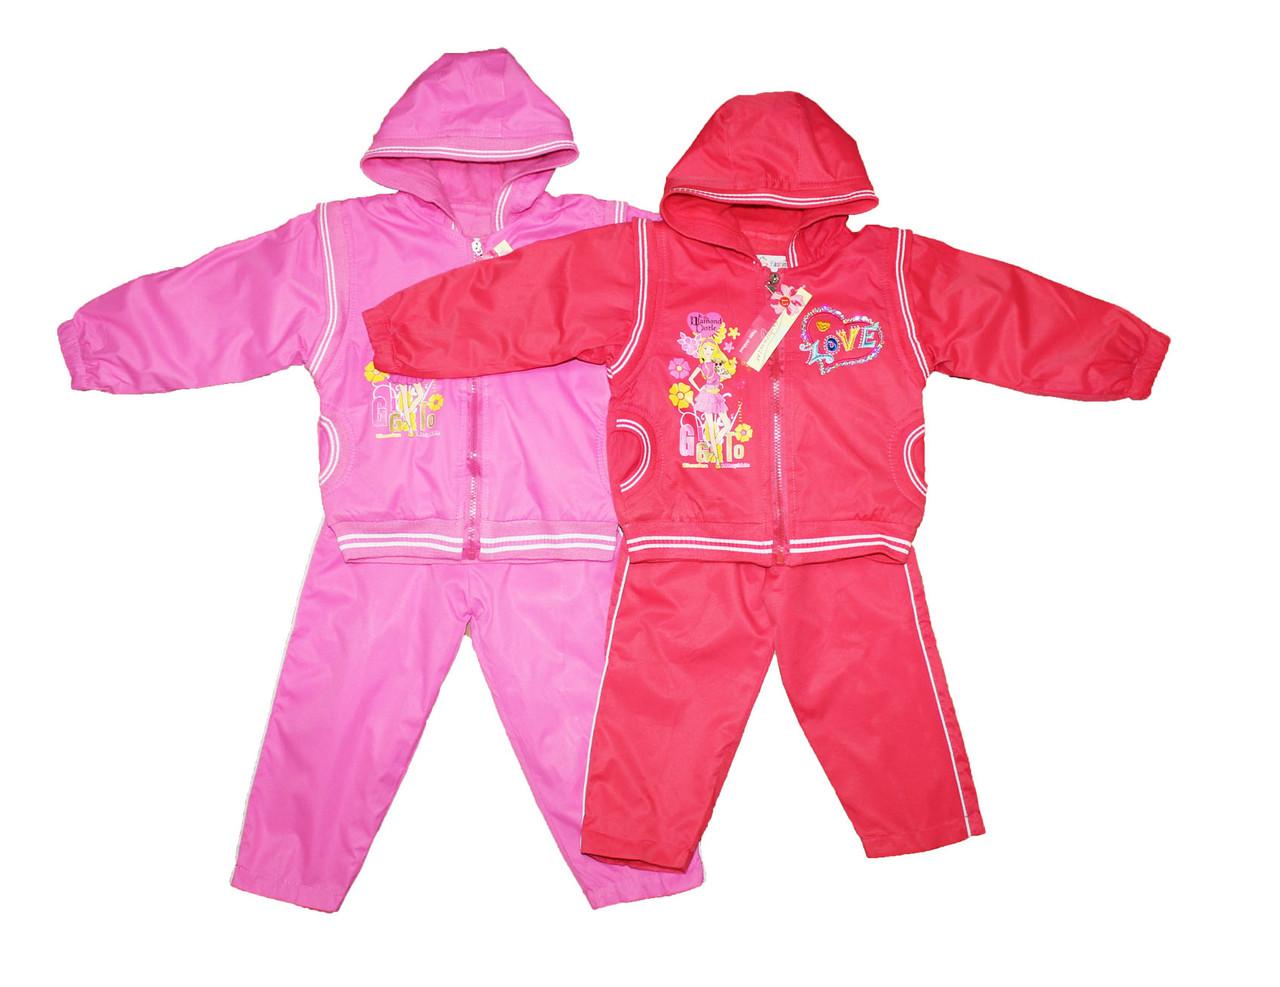 Костюм детский весенний для девочки. Курточка + брюки. Пчелка Х-47